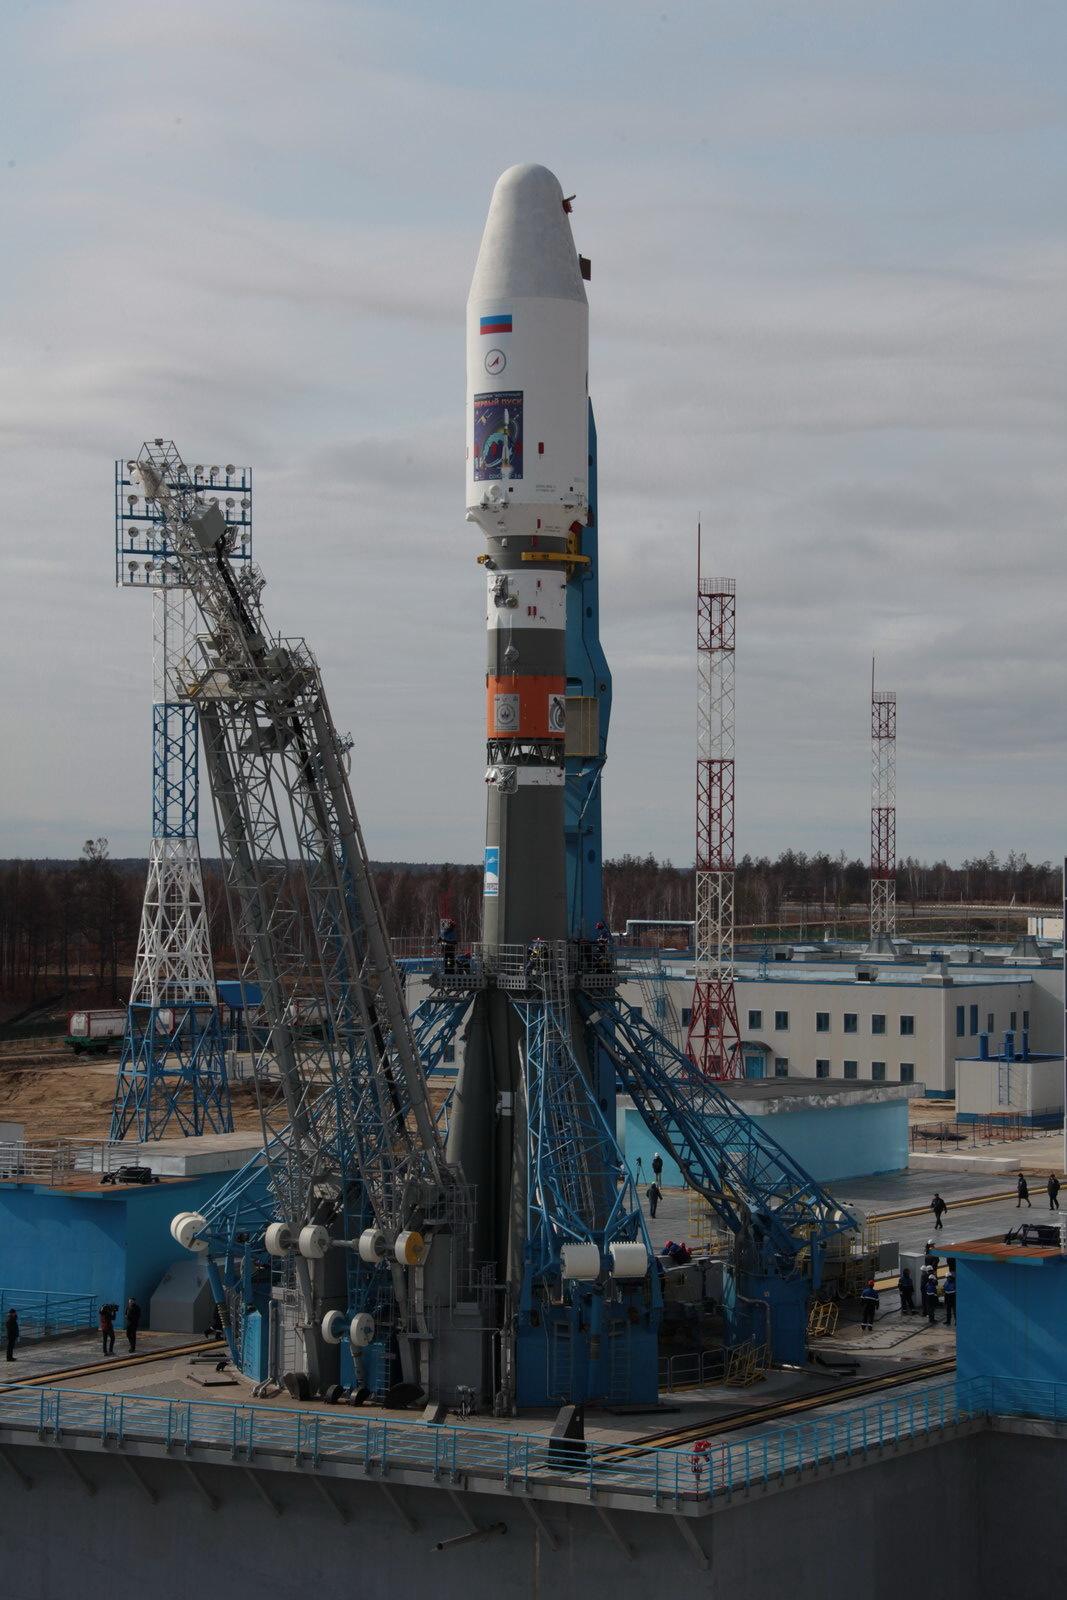 На космодроме Восточный установили ракету-носитель «Союз 2.1а» для первого запуска - 16